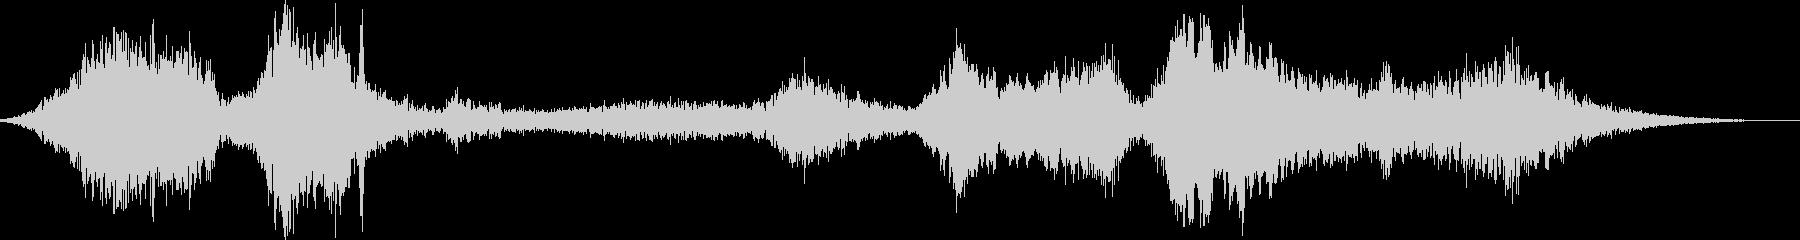 【シンセサイザー】 SFX 環境音 33の未再生の波形